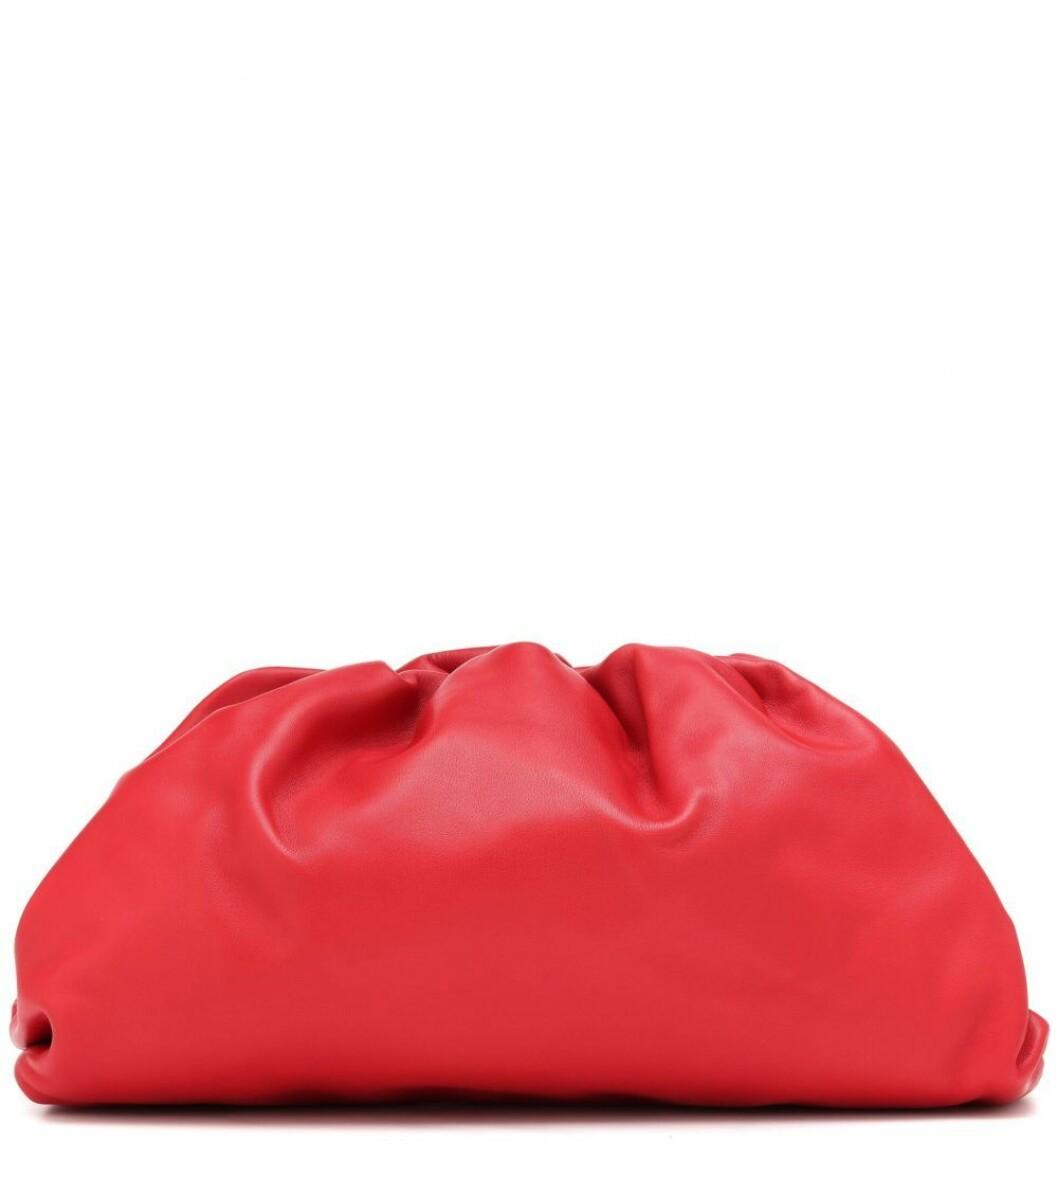 Den klassiska clutchväskan The Pouch leather clutch i mjukt läder och en poppig röd nyans.